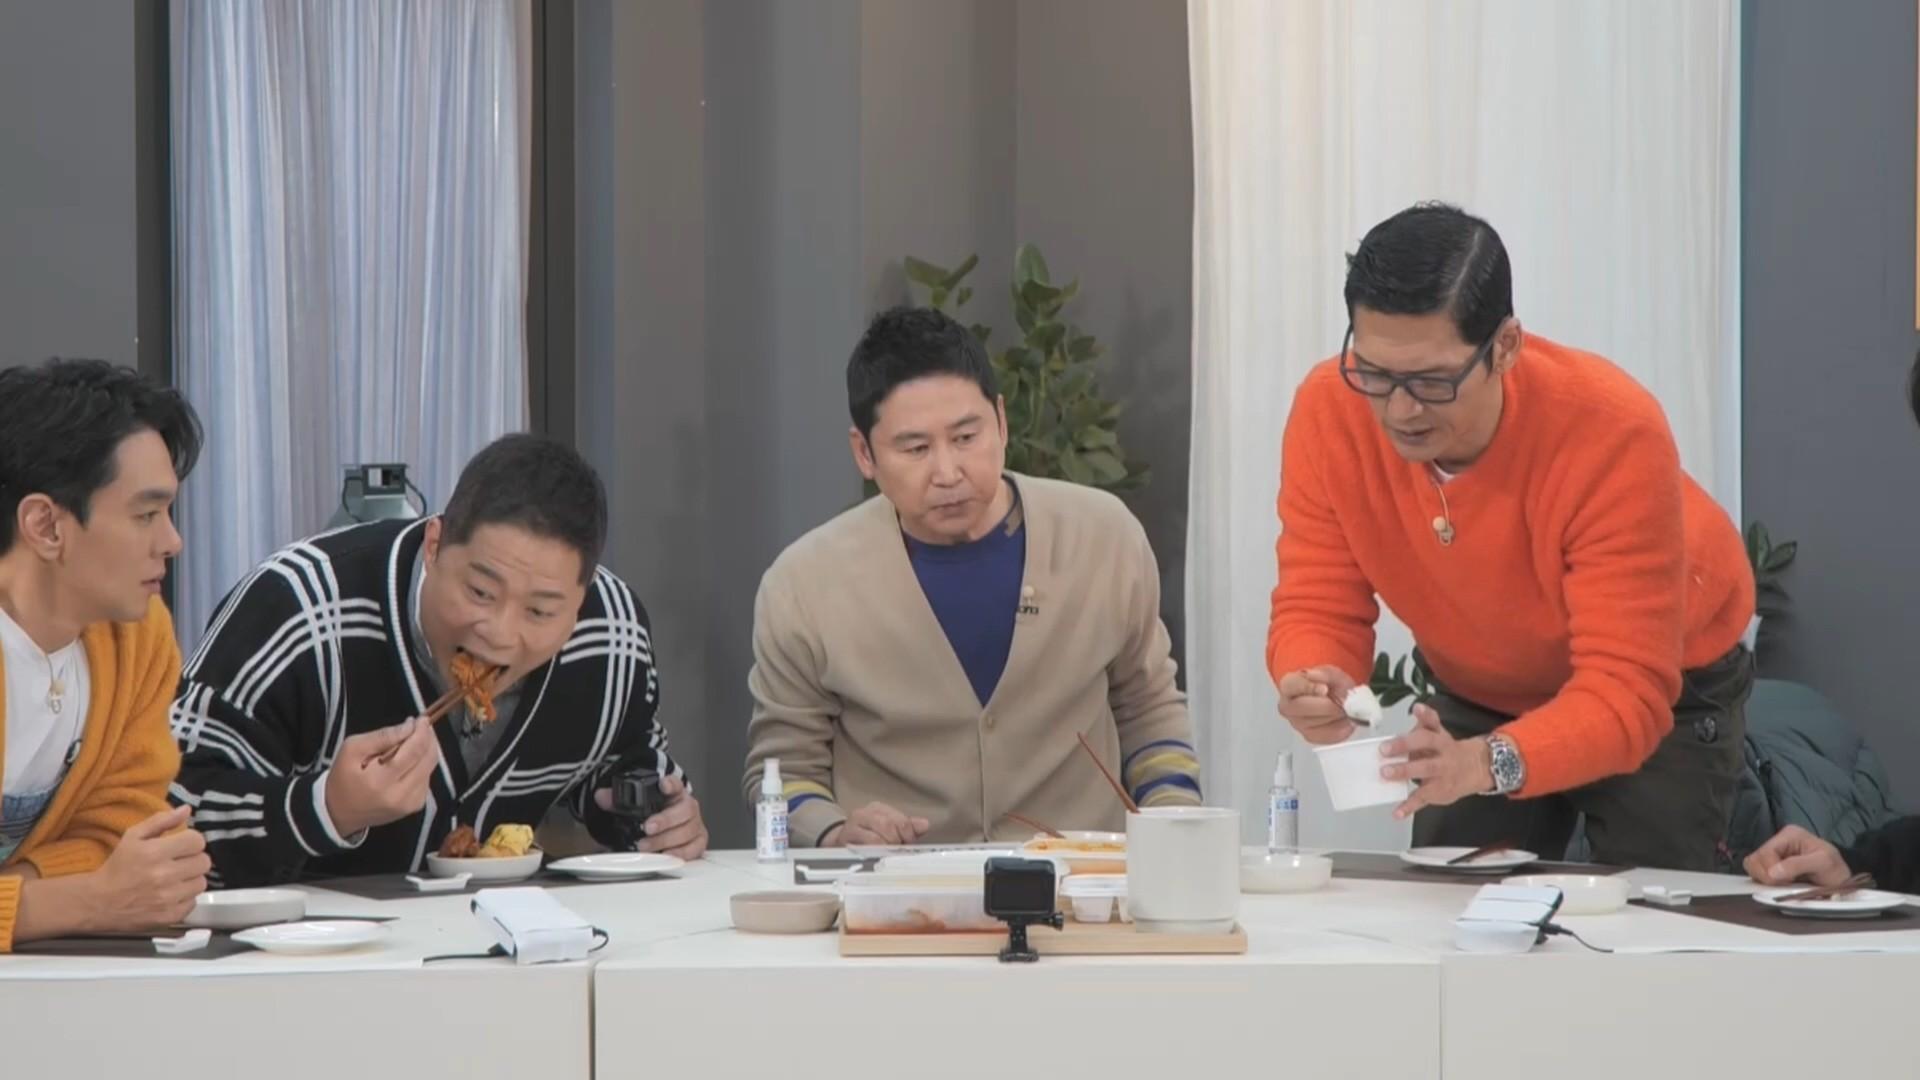 '일단시켜!' 신동엽부터 셔누까지, 신개념 배달리뷰쇼 '관전포인트3'